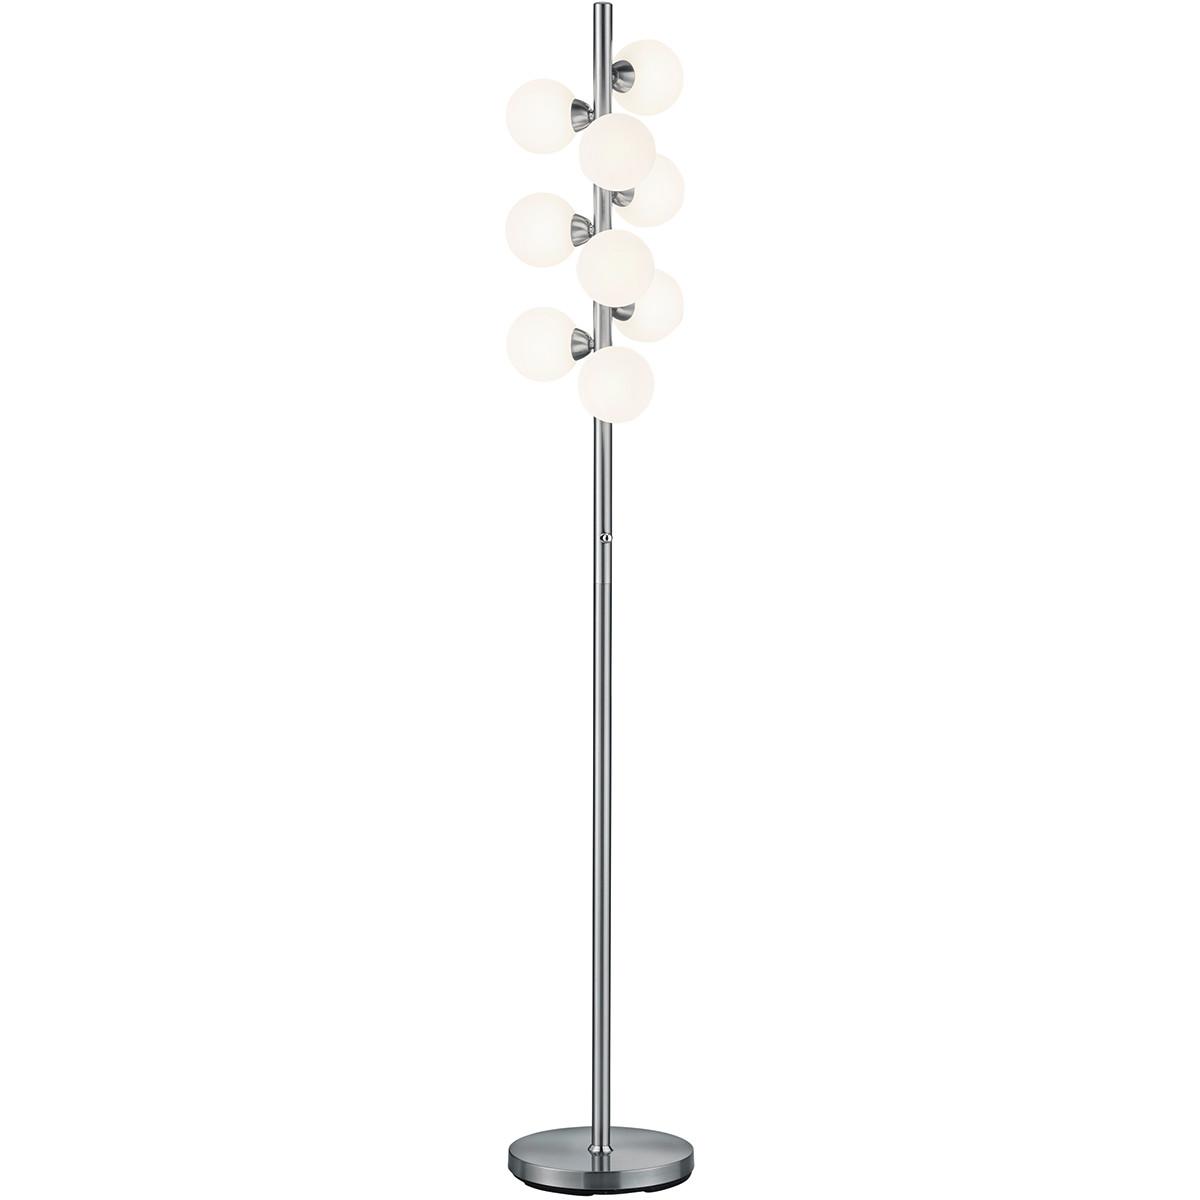 LED Vloerlamp - Trion Alionisa - G9 Fitting - 9-lichts - Dimbaar - Rond - Mat Nikkel - Aluminium